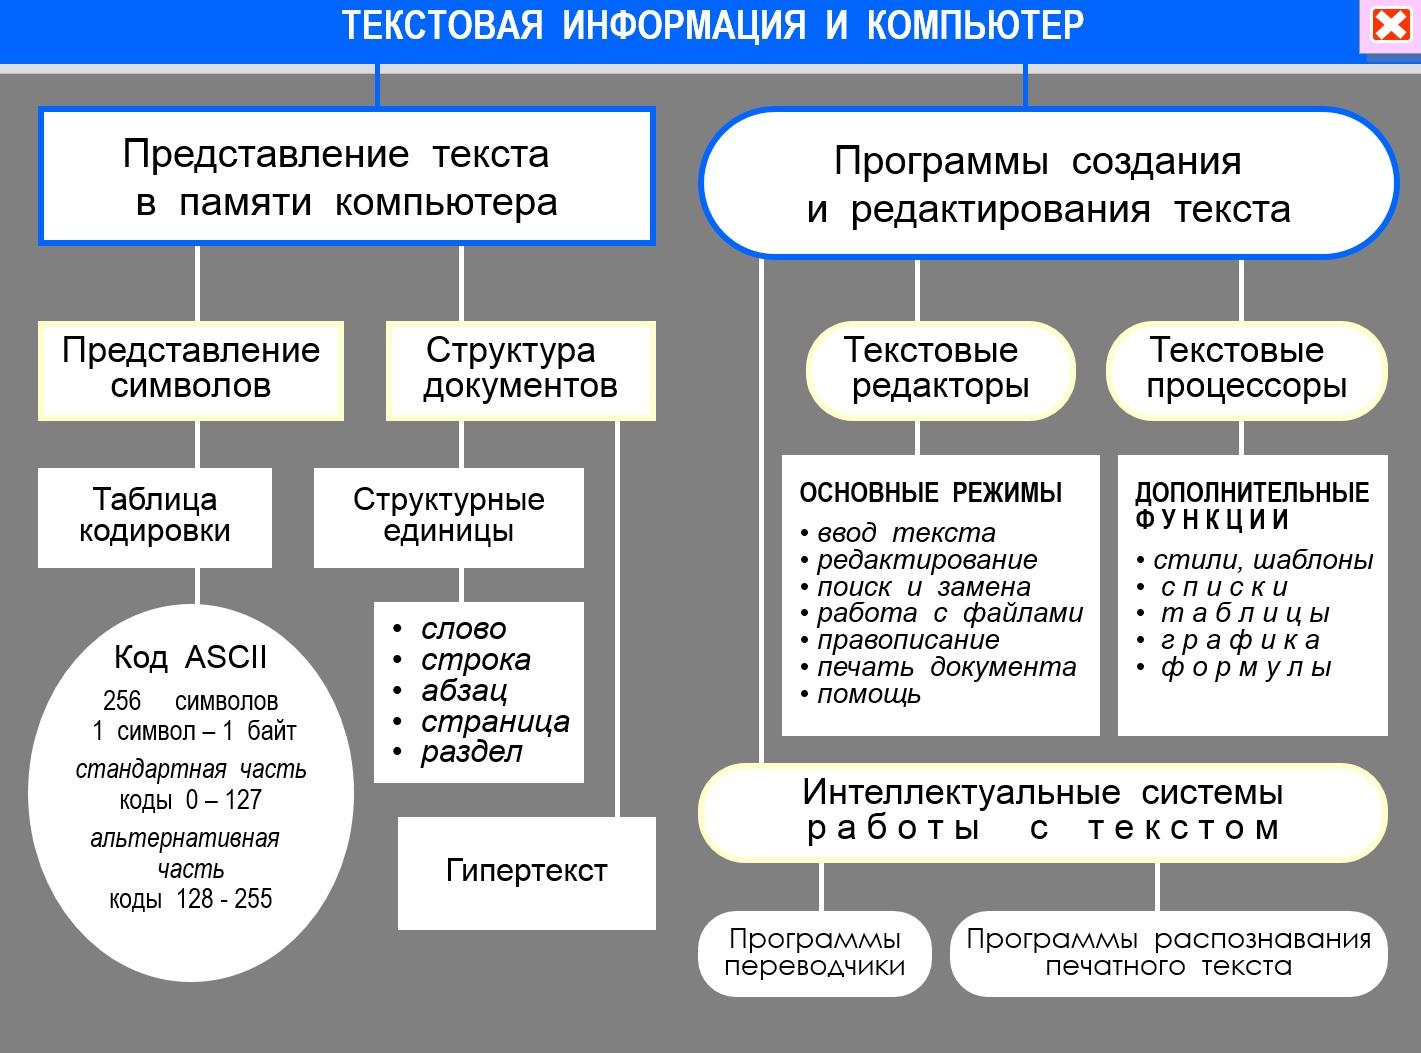 Рисунок схемы диаграммы позволяют представлять информацию 8 букв